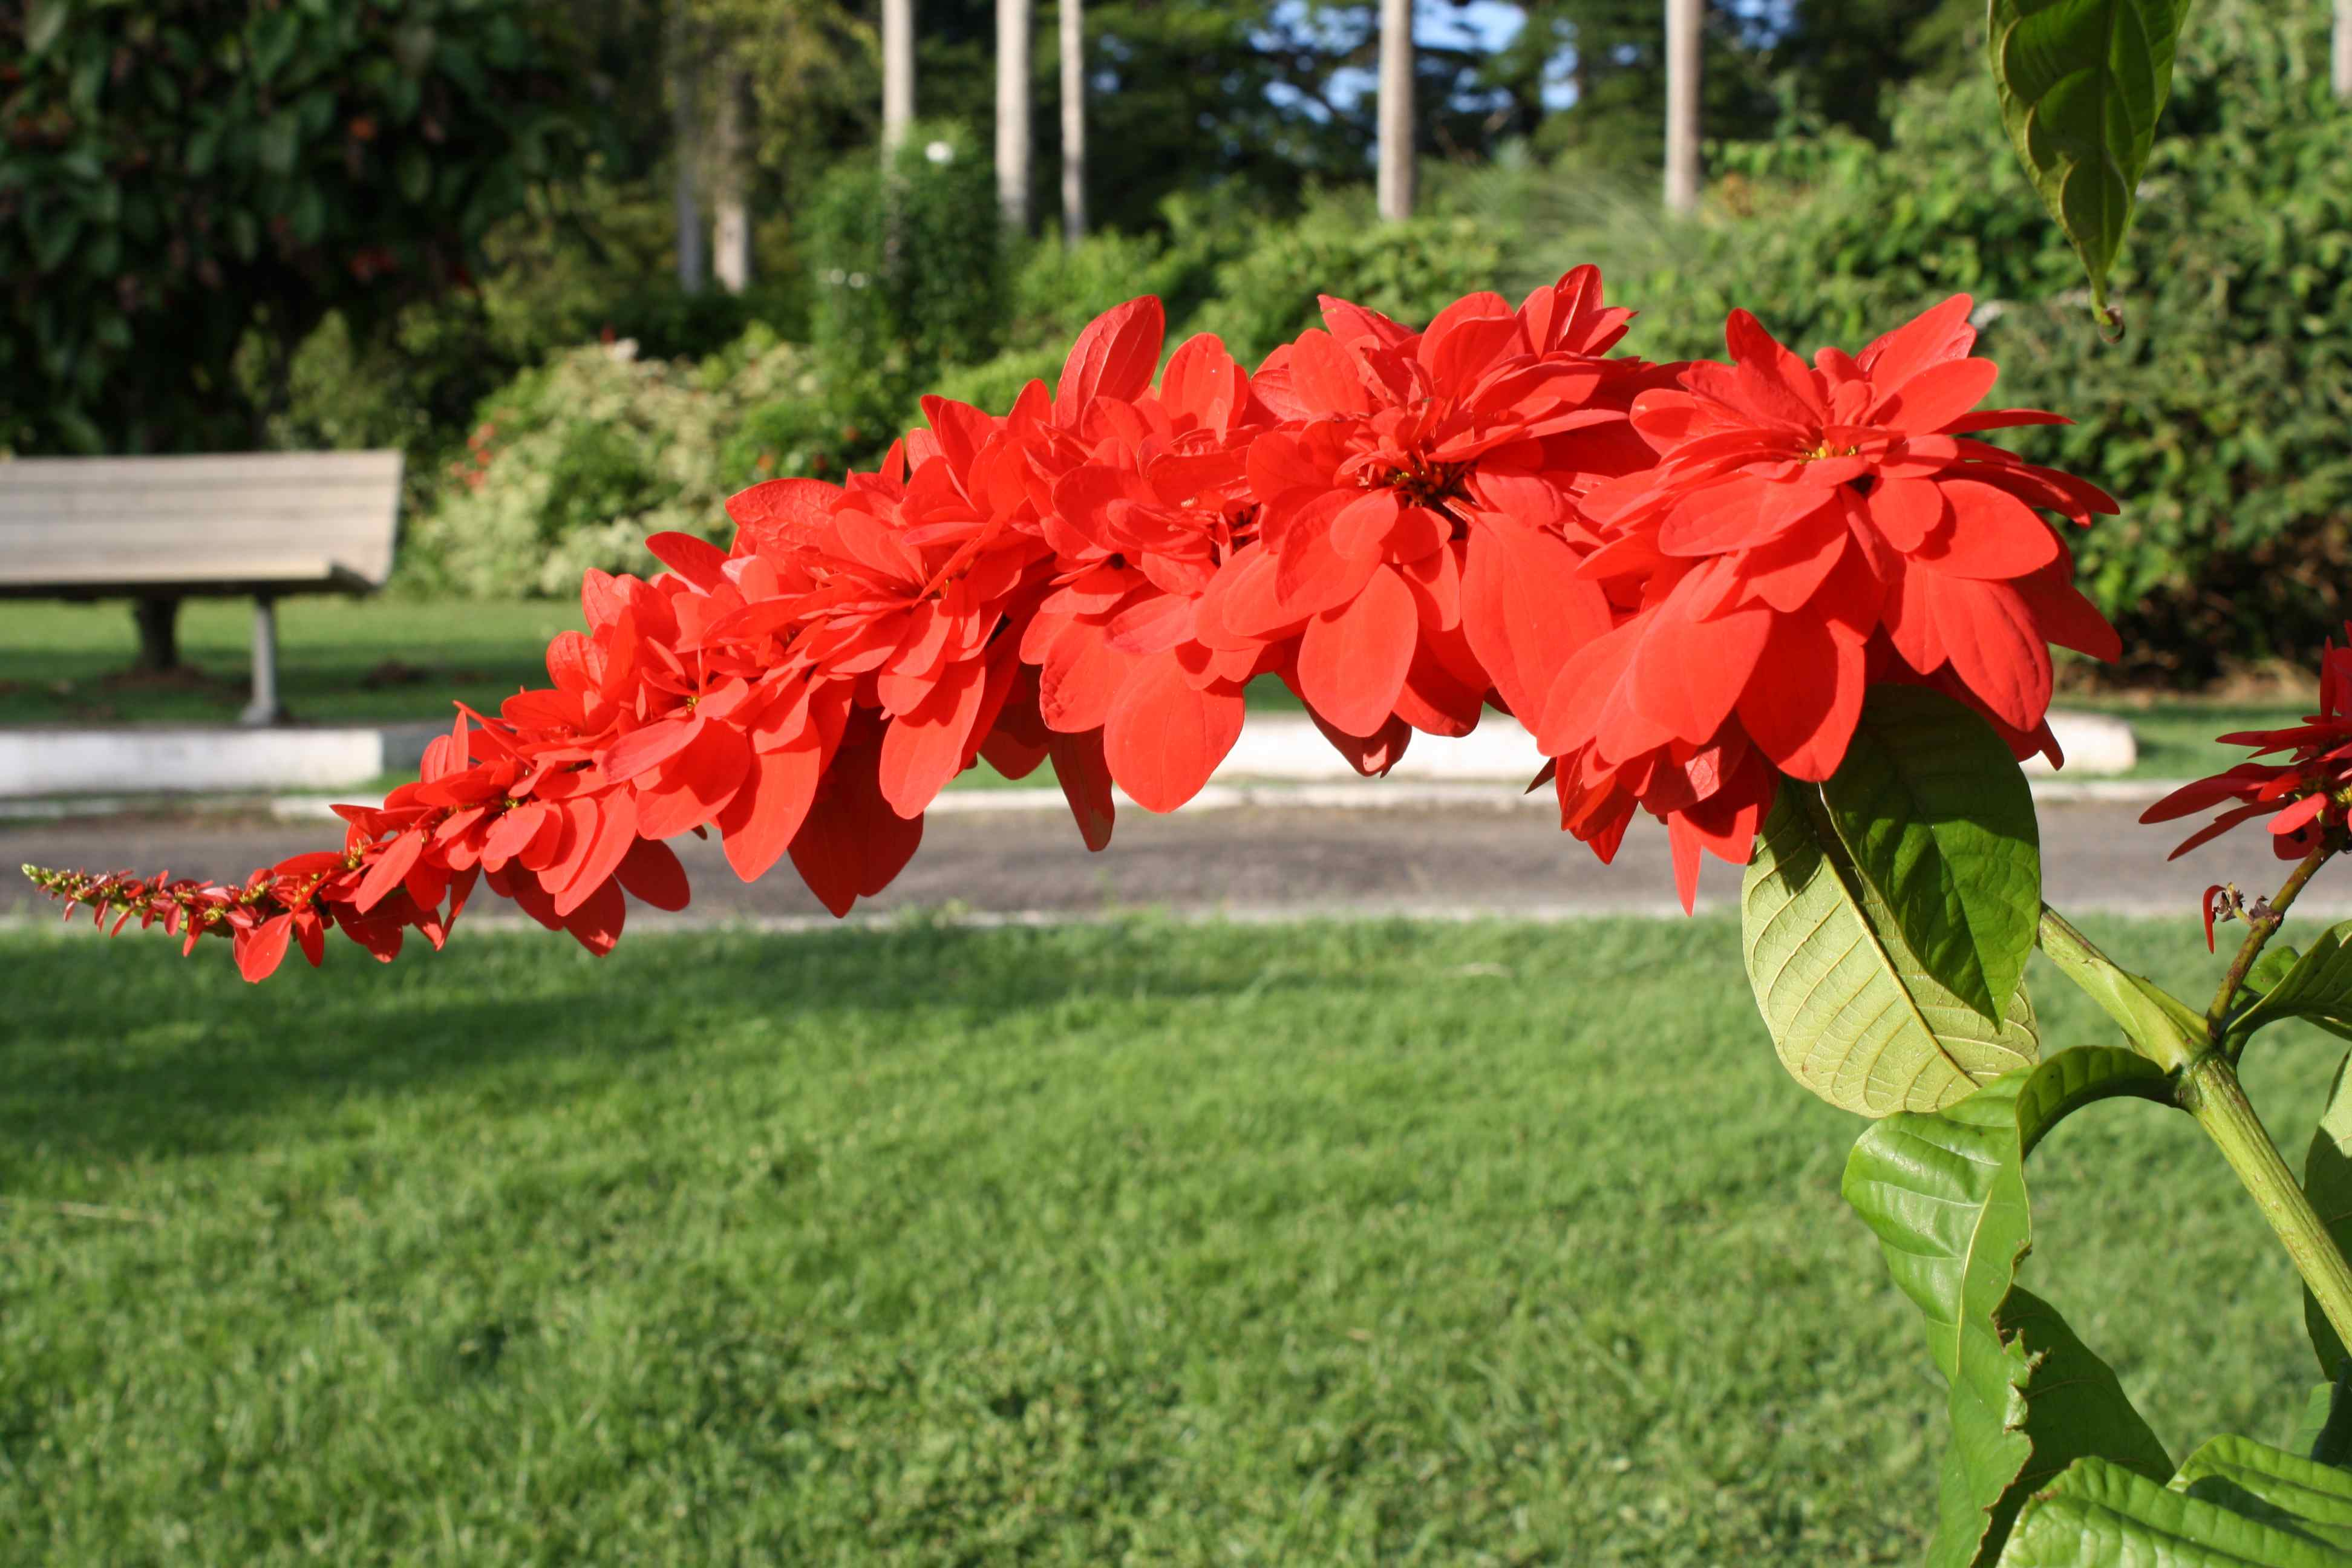 FileThe Chaconia Flower Trinidad Warszewiczia Coccinea